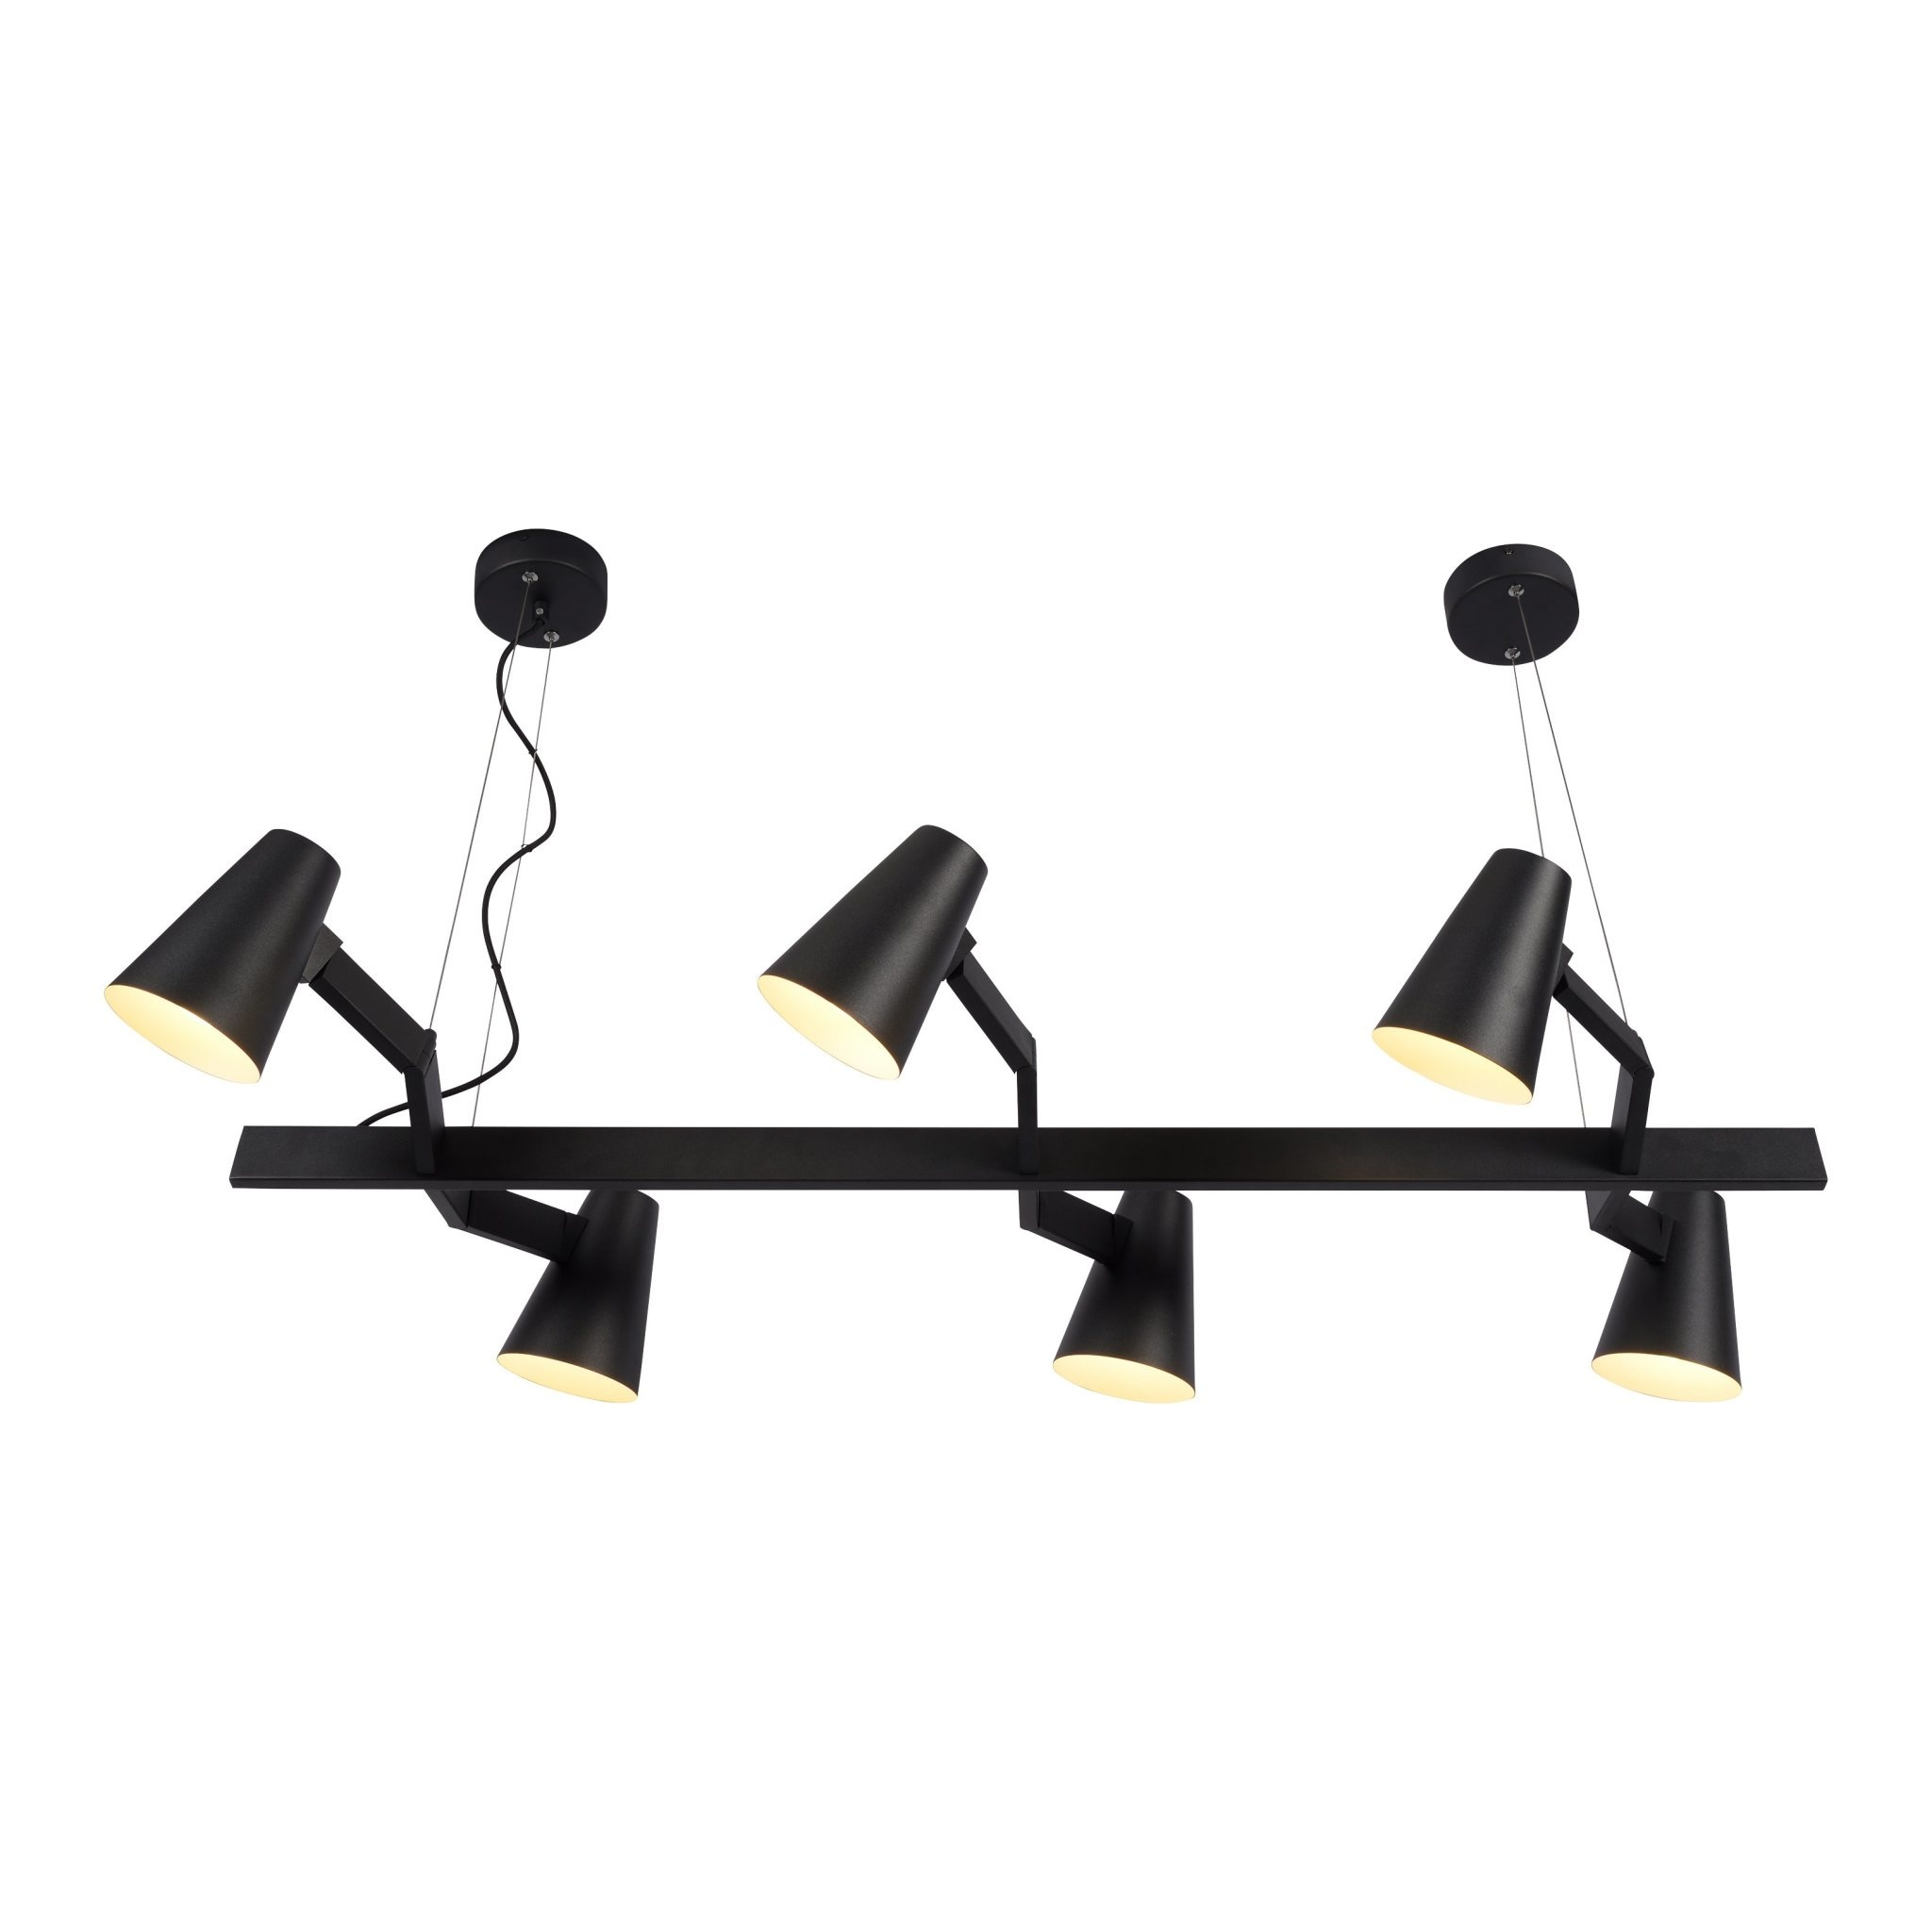 Hanglamp ijzer Biarritz 6-arm zwart-1